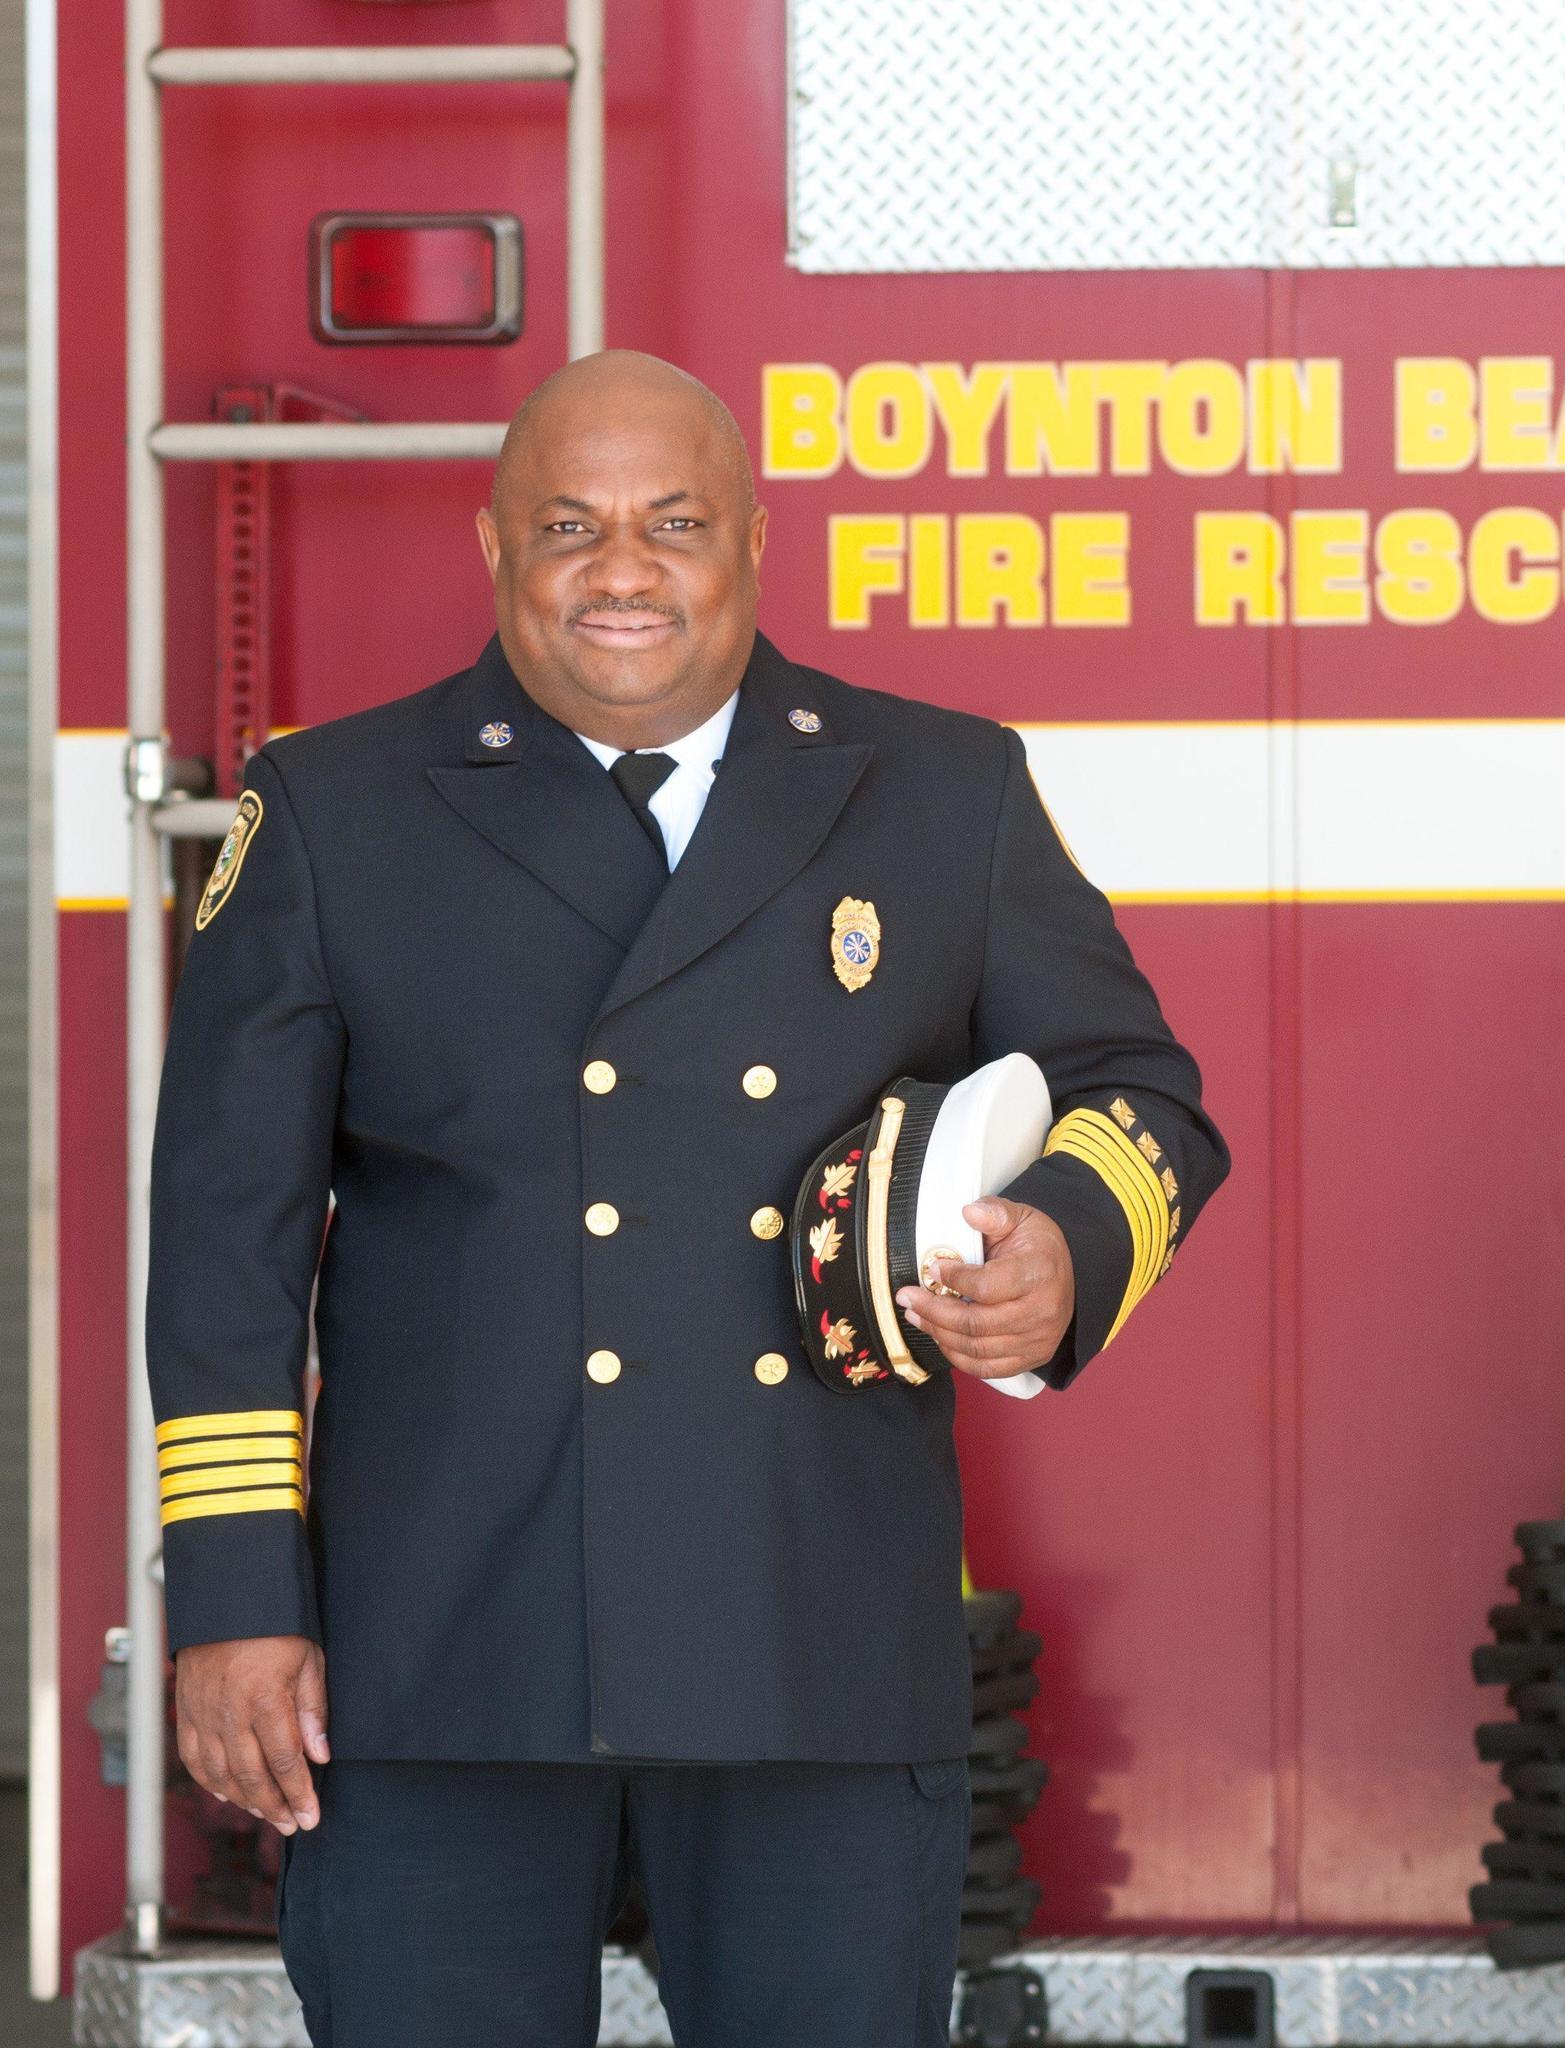 Boynton Beach Fire Chief Makes Suggestions For Hurricane